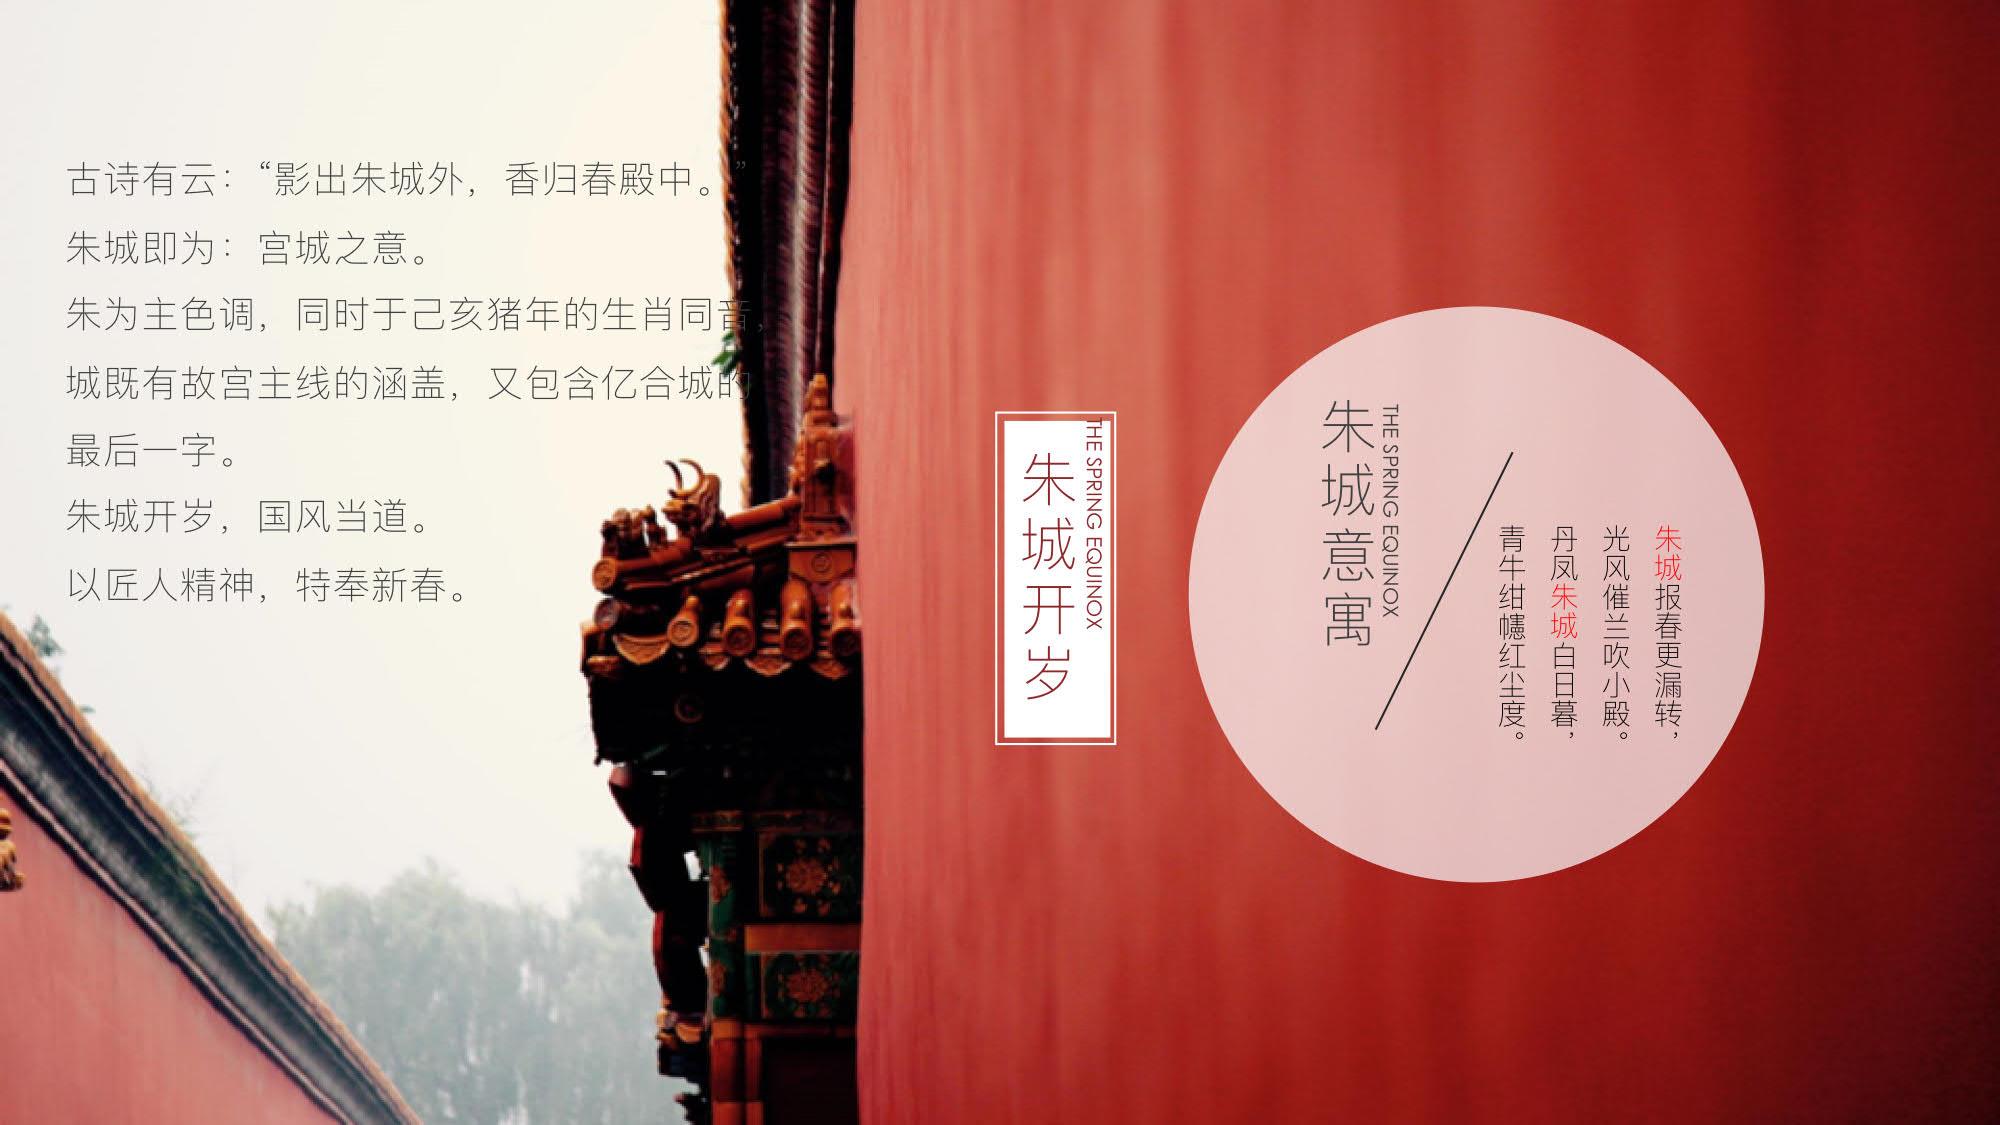 春节不俗气的房地产营销策划--2020新禧宫略国风新春主题策划案